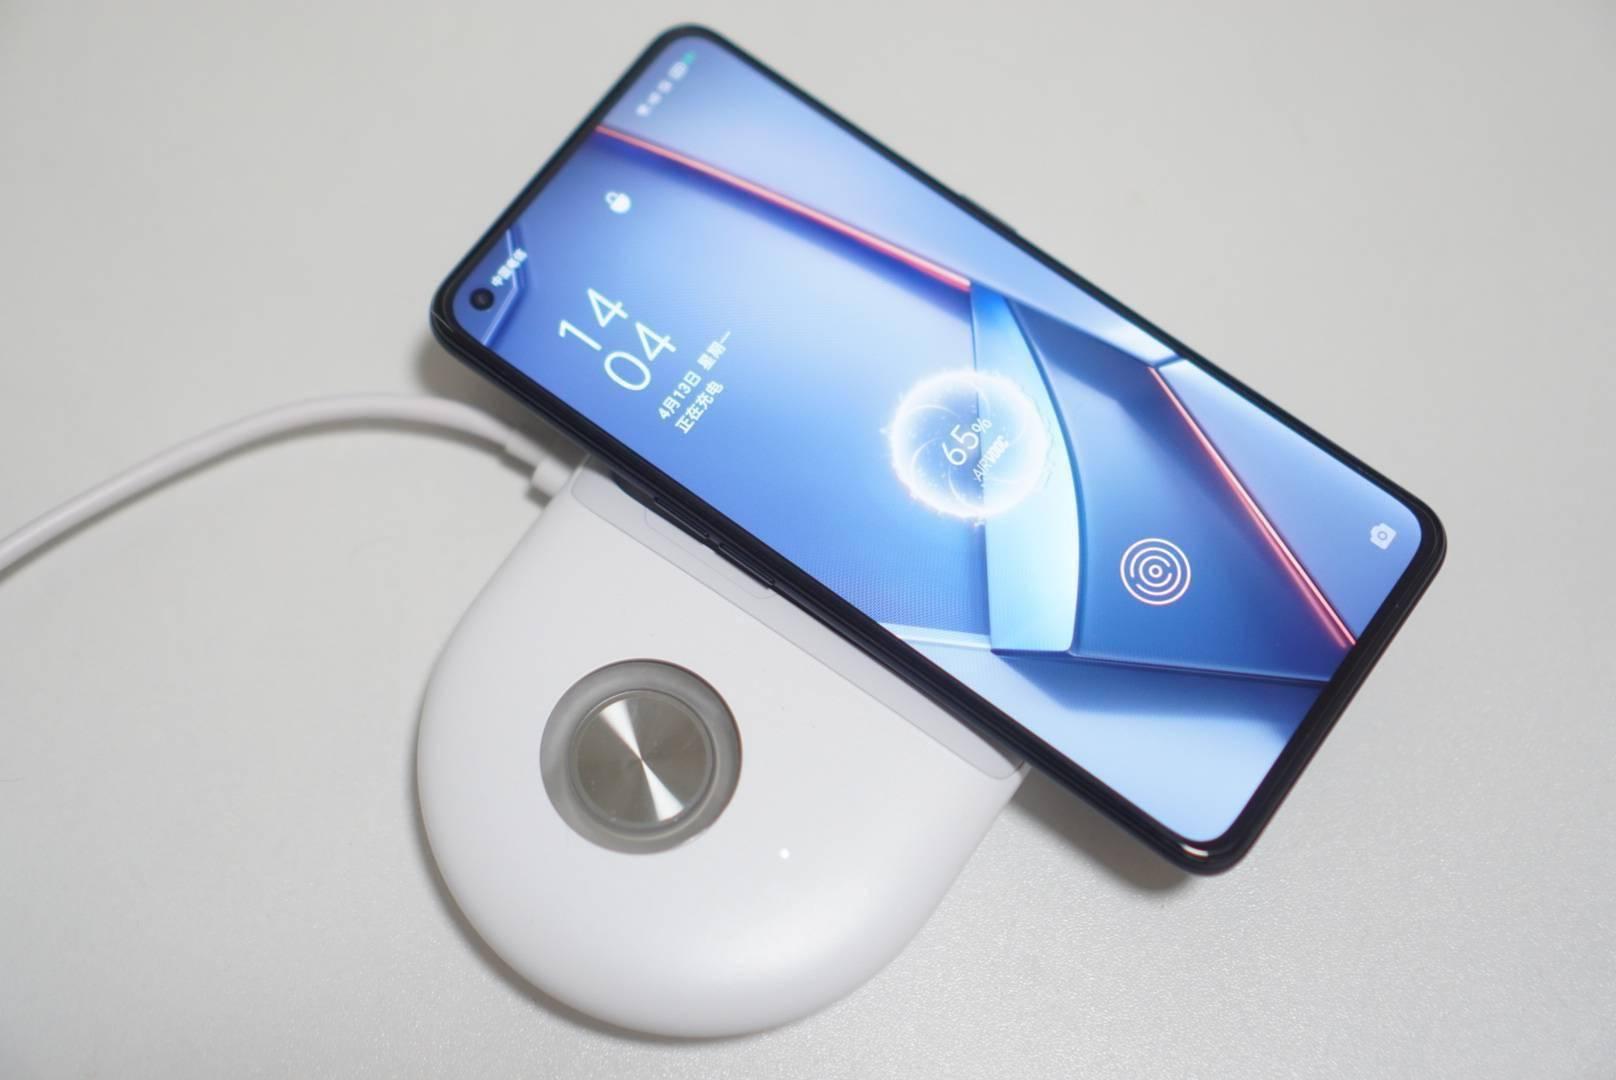 无线充电可能被「限高」50W,会影响电子产品体验吗?